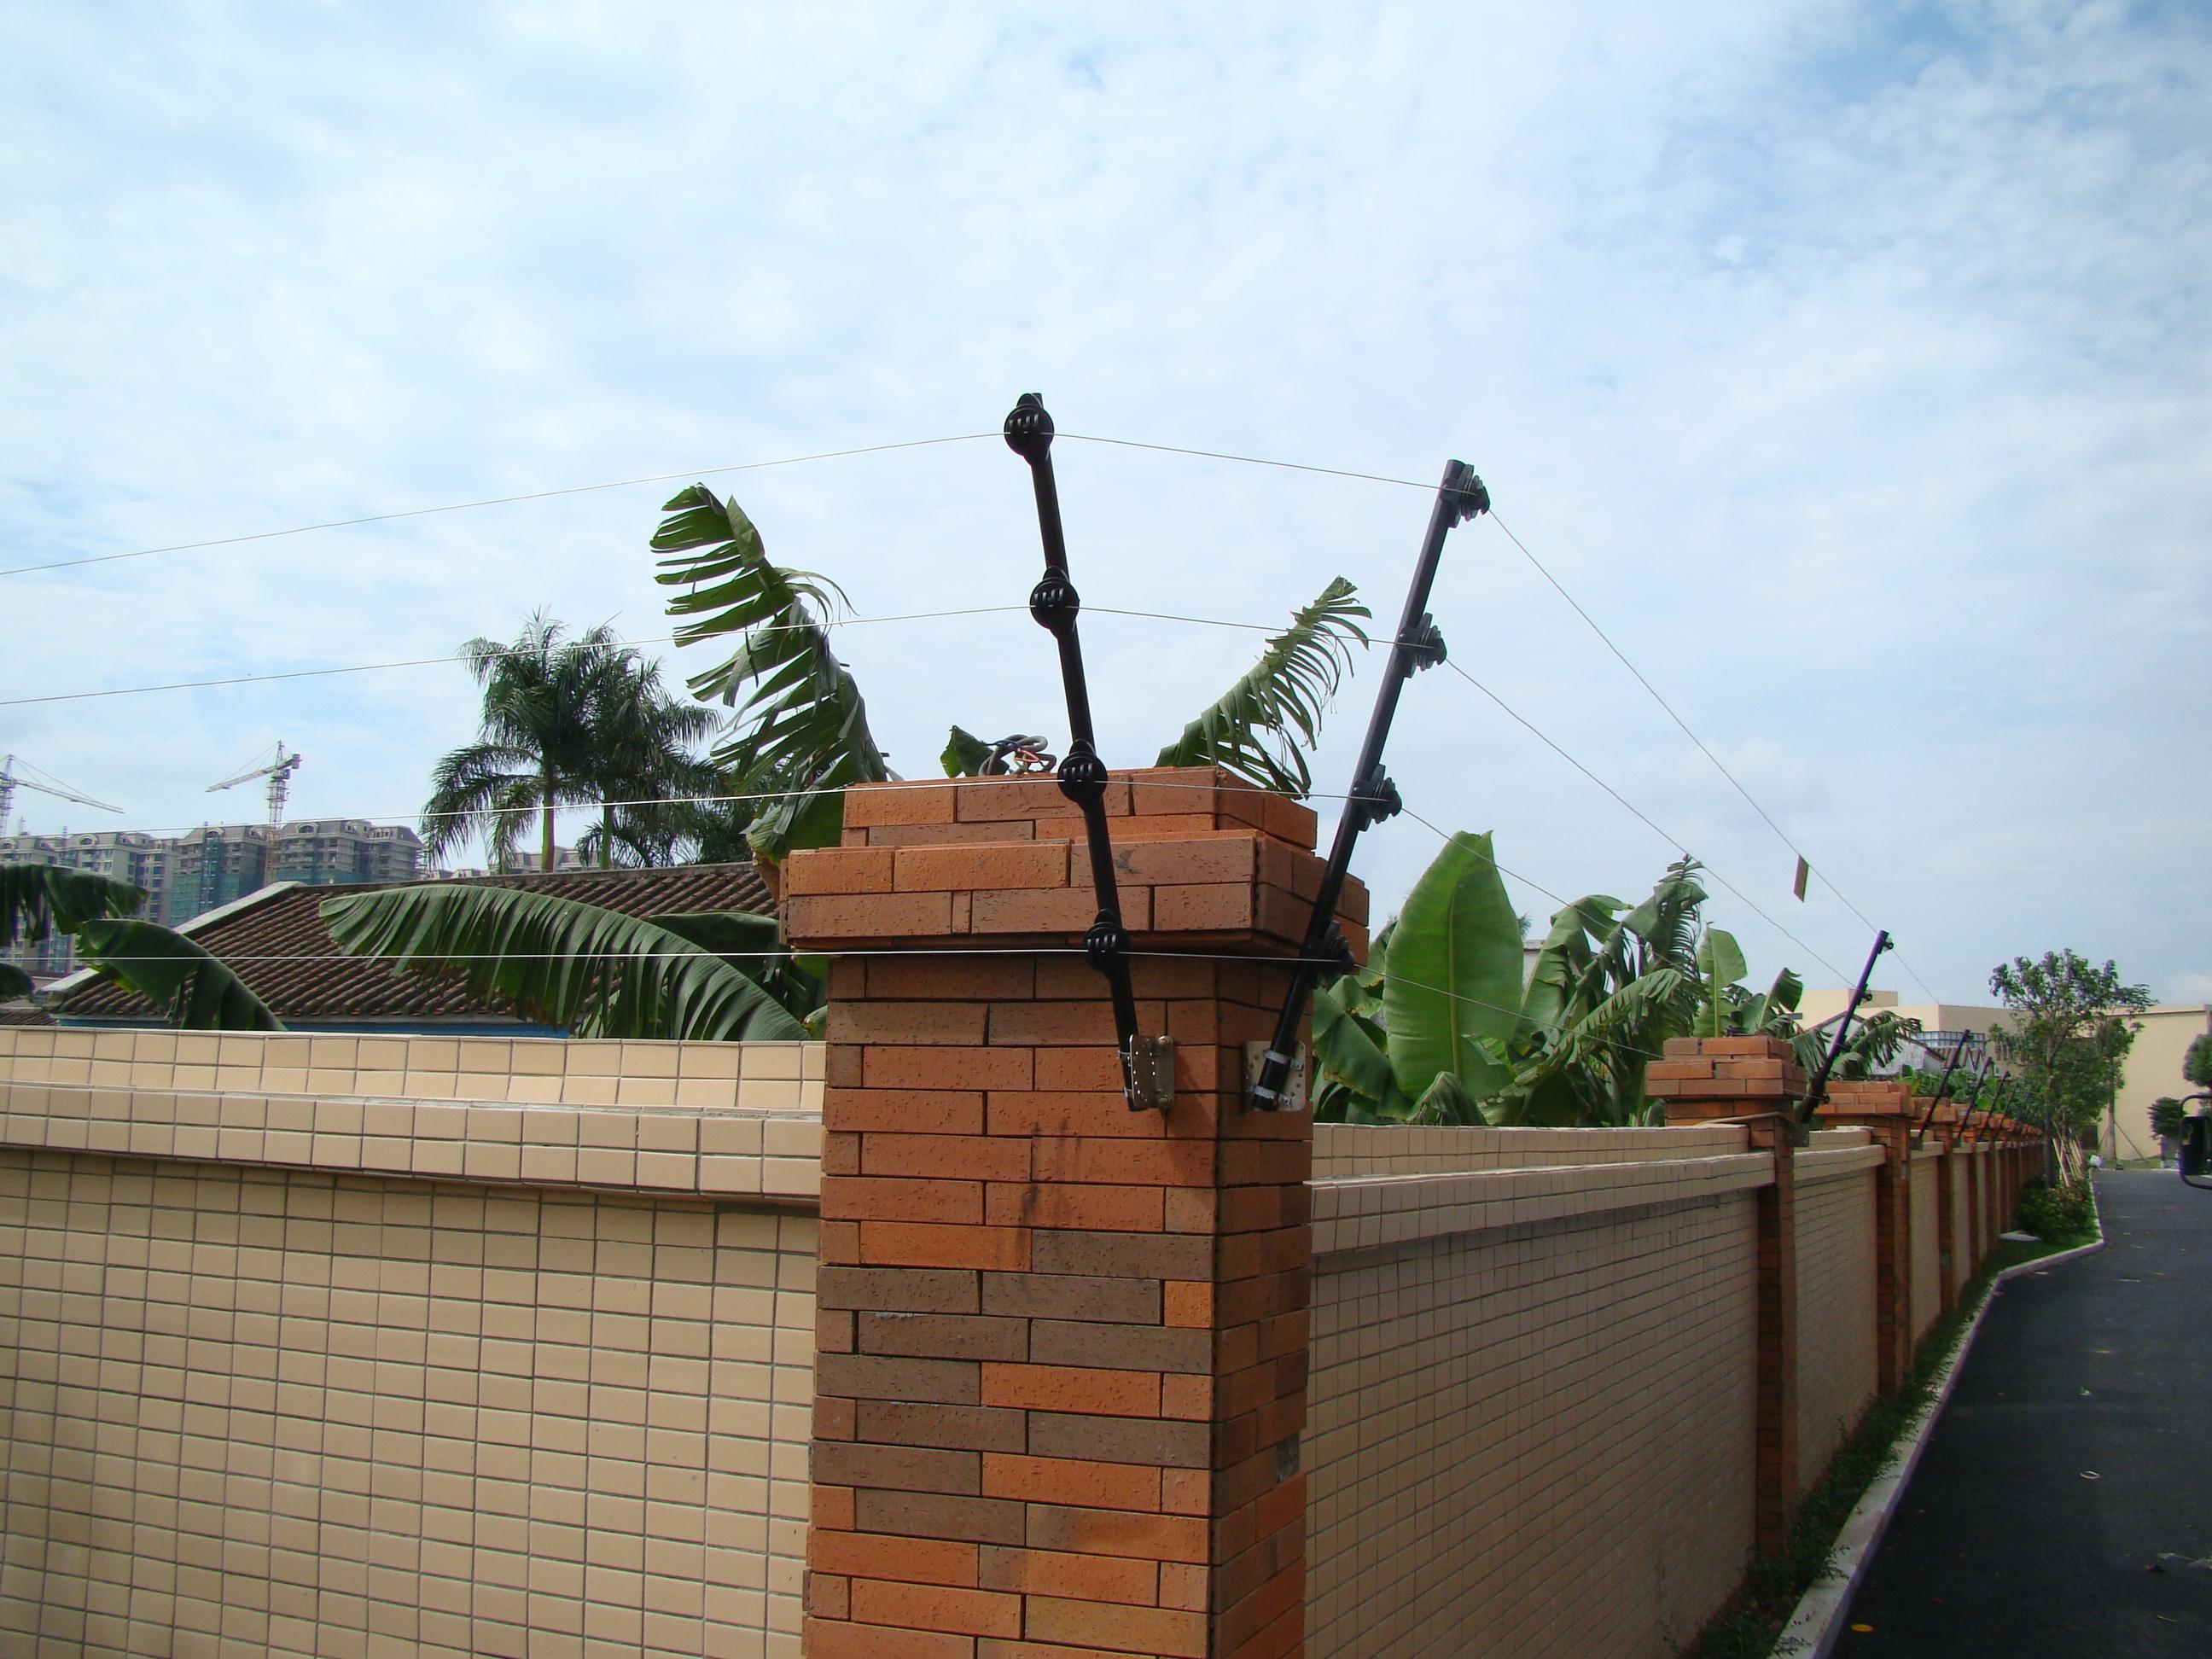 防盗报警 防盗锁 窗锁 > 电子围栏 脉冲电子围栏 电子围栏防盗系统